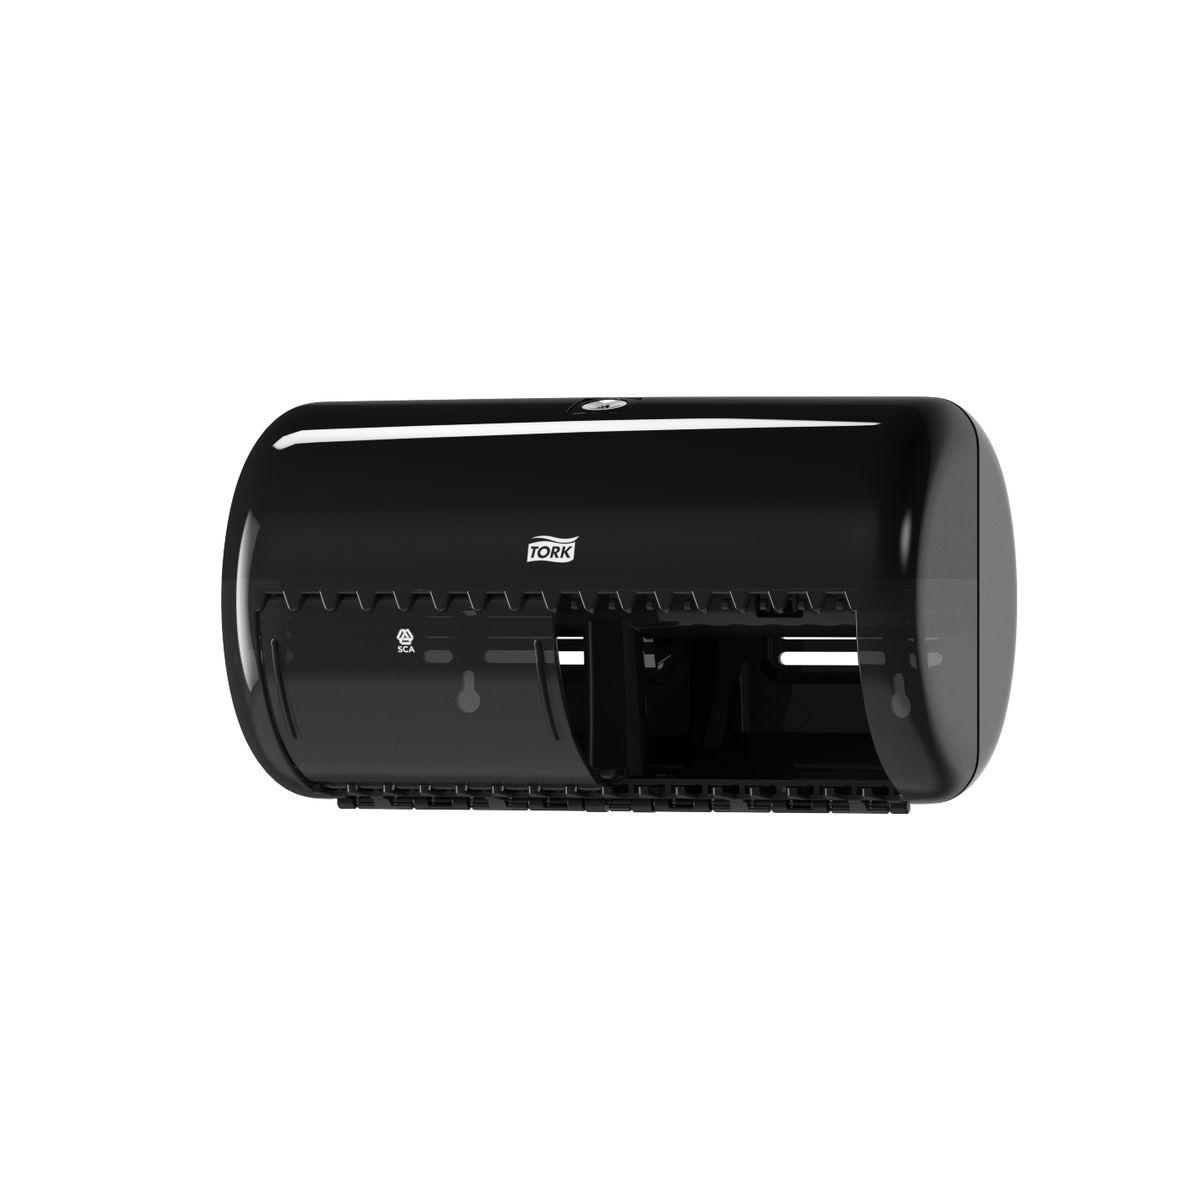 Диспенсер для туалетной бумаги Tork, на 2 рулона, цвет: черный. 557008BL505Диспенсер для туалетной бумаги Tork с системой Т4 для бумаги в стандартных рулончиках. Практичный компактный диспенсер, вмещающий 2 стандартных рулона туалетной бумаги.Бумага легко отрывается с помощью удобных зубцов, даже не имея перфорации, защищается от повреждений и кражи. Диспенсер открывается с помощью ключа или нажатием на кнопку.В комплект входит инструкция по заправке и использованию.